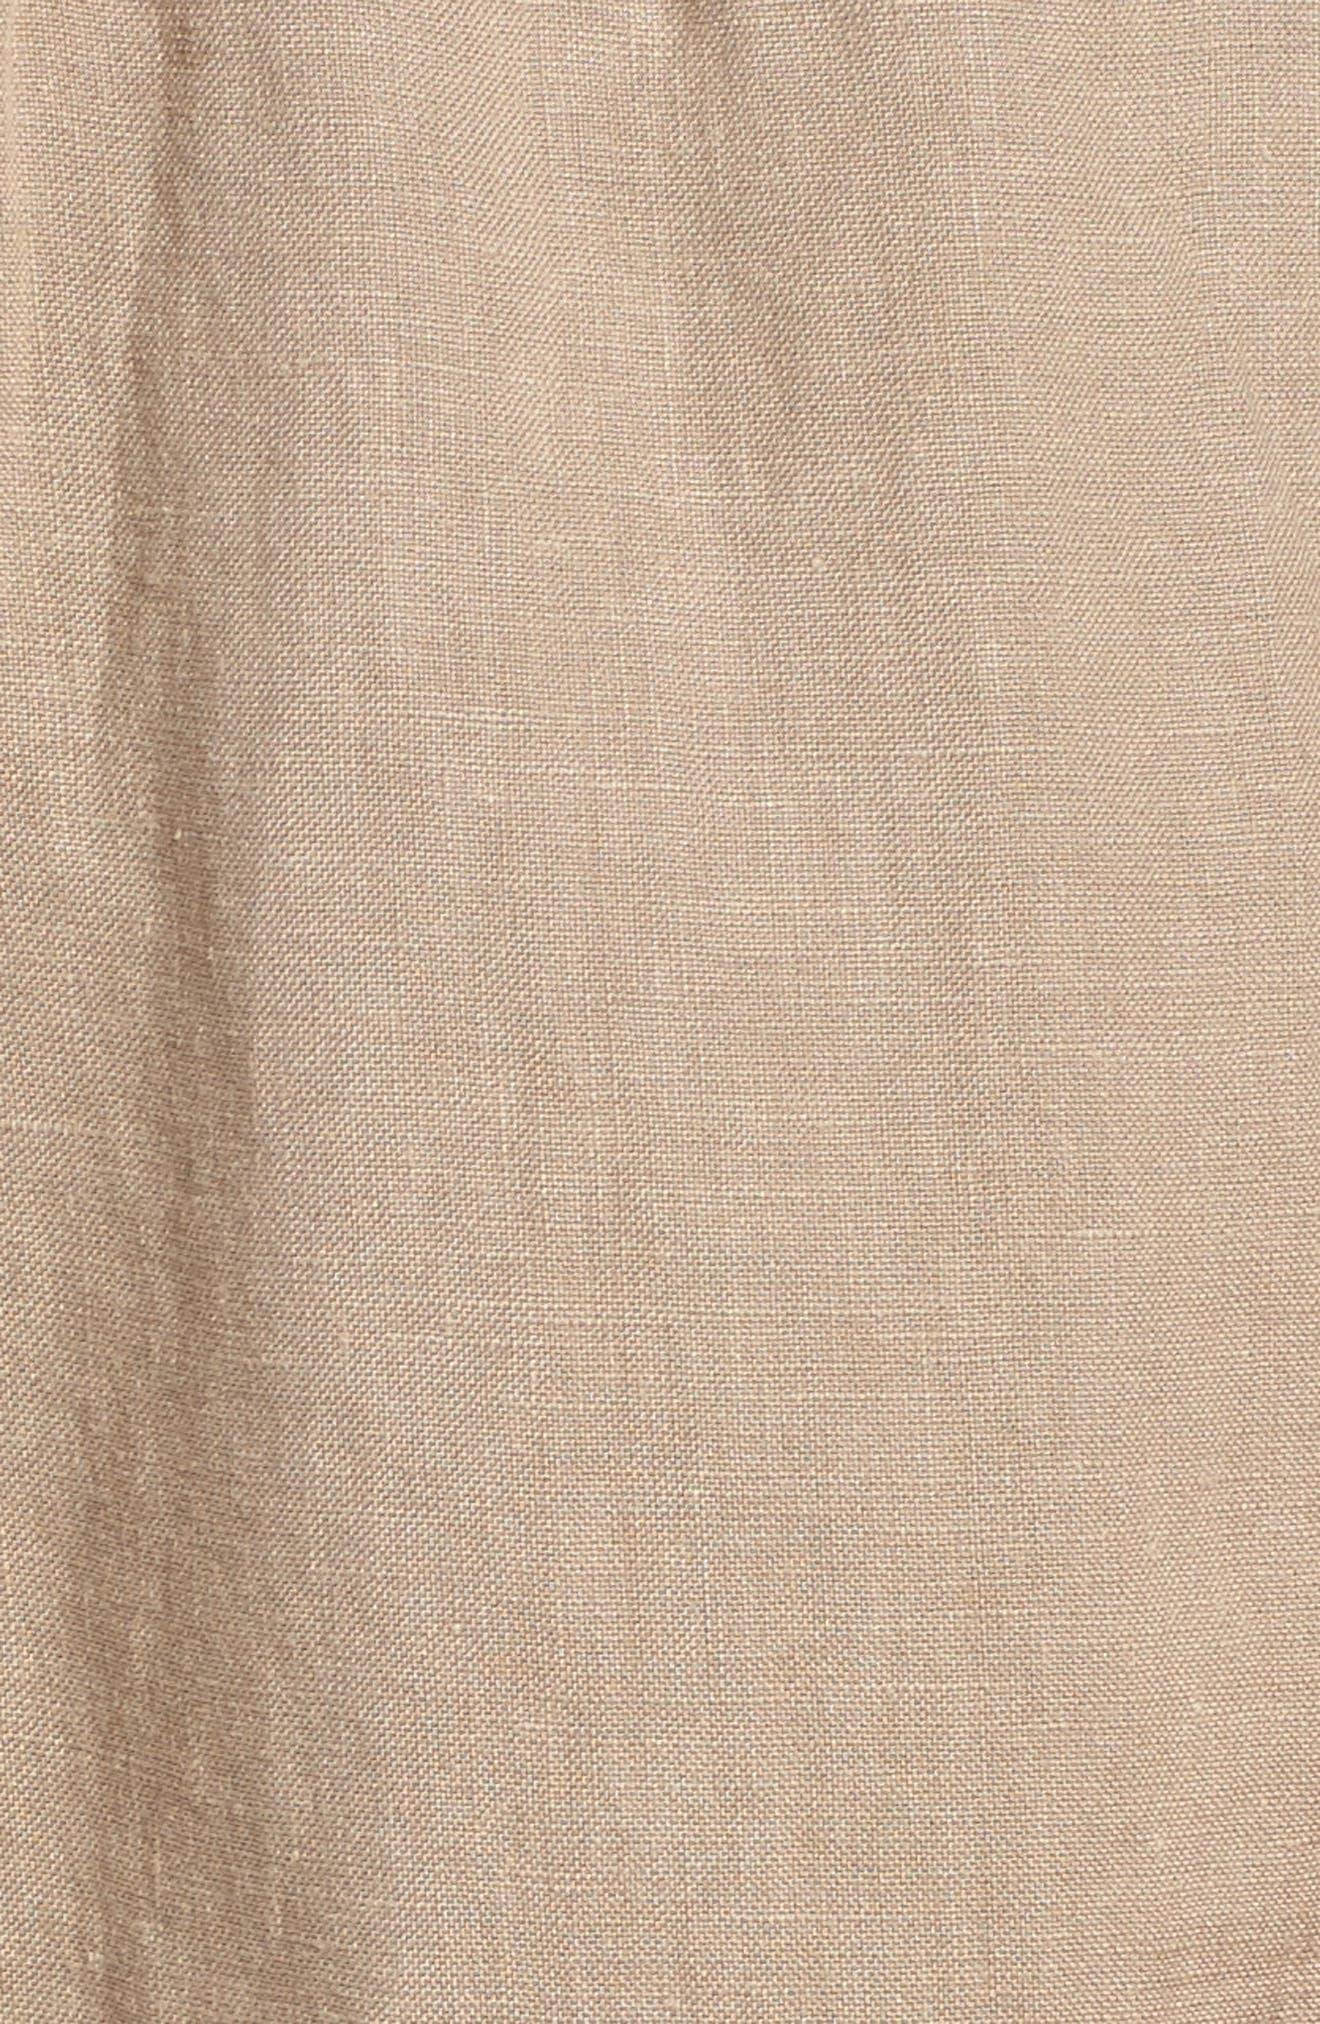 Linen Crop Pants,                             Alternate thumbnail 32, color,